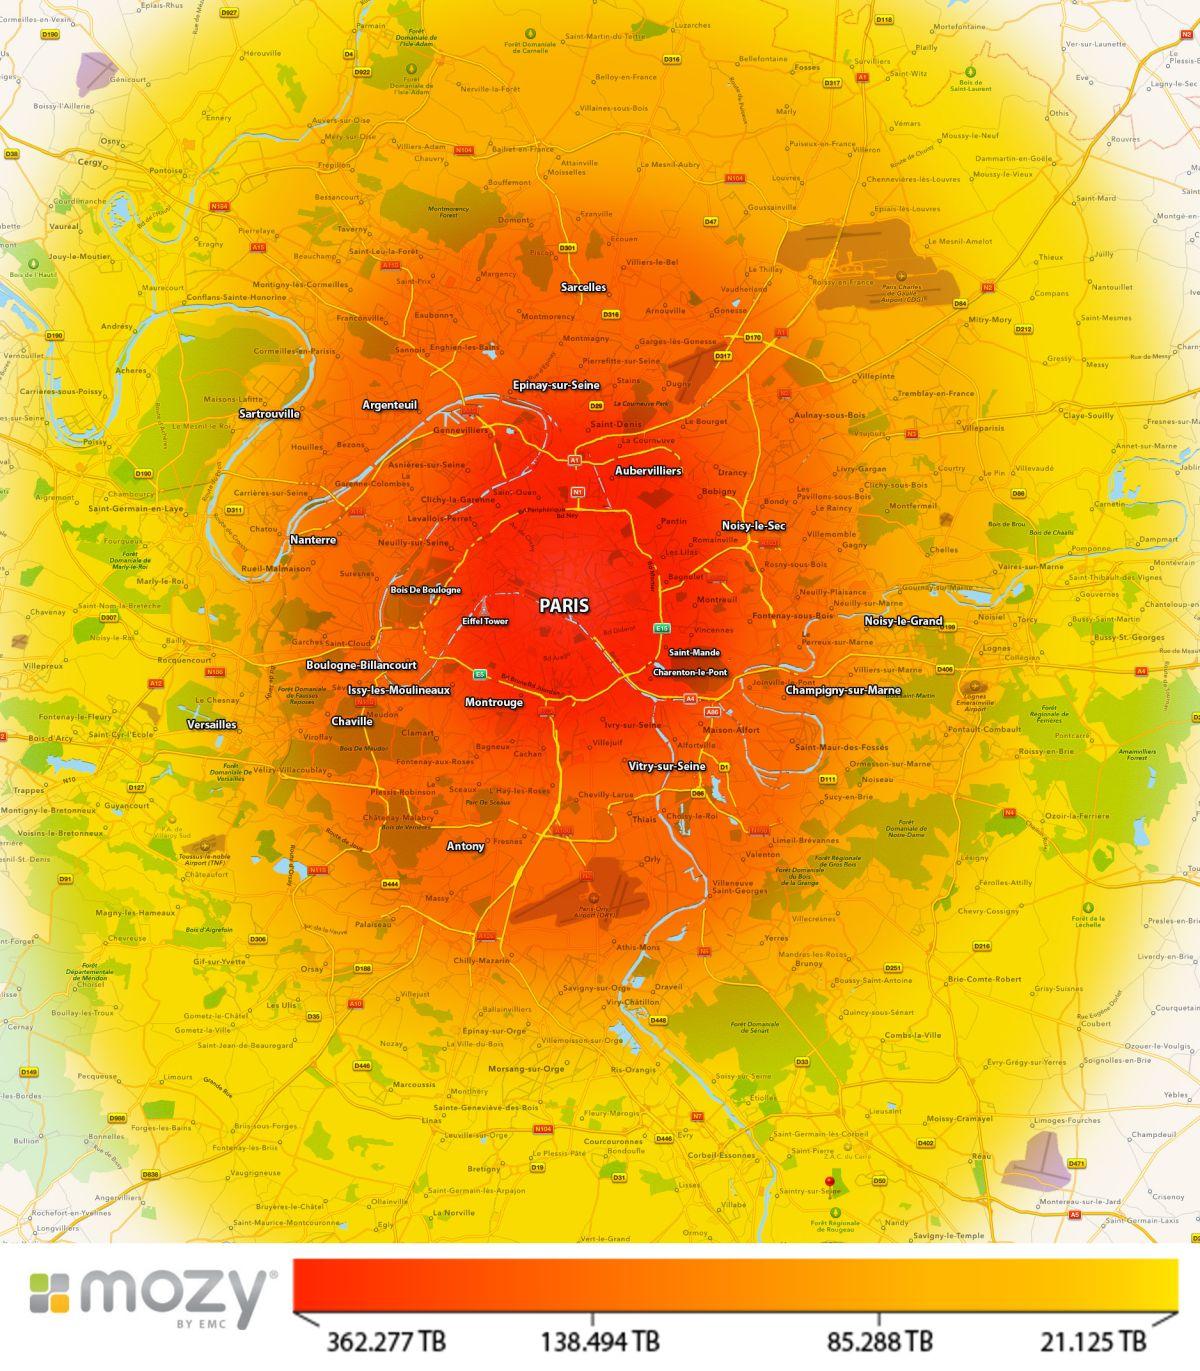 Mozy-Map-Paris